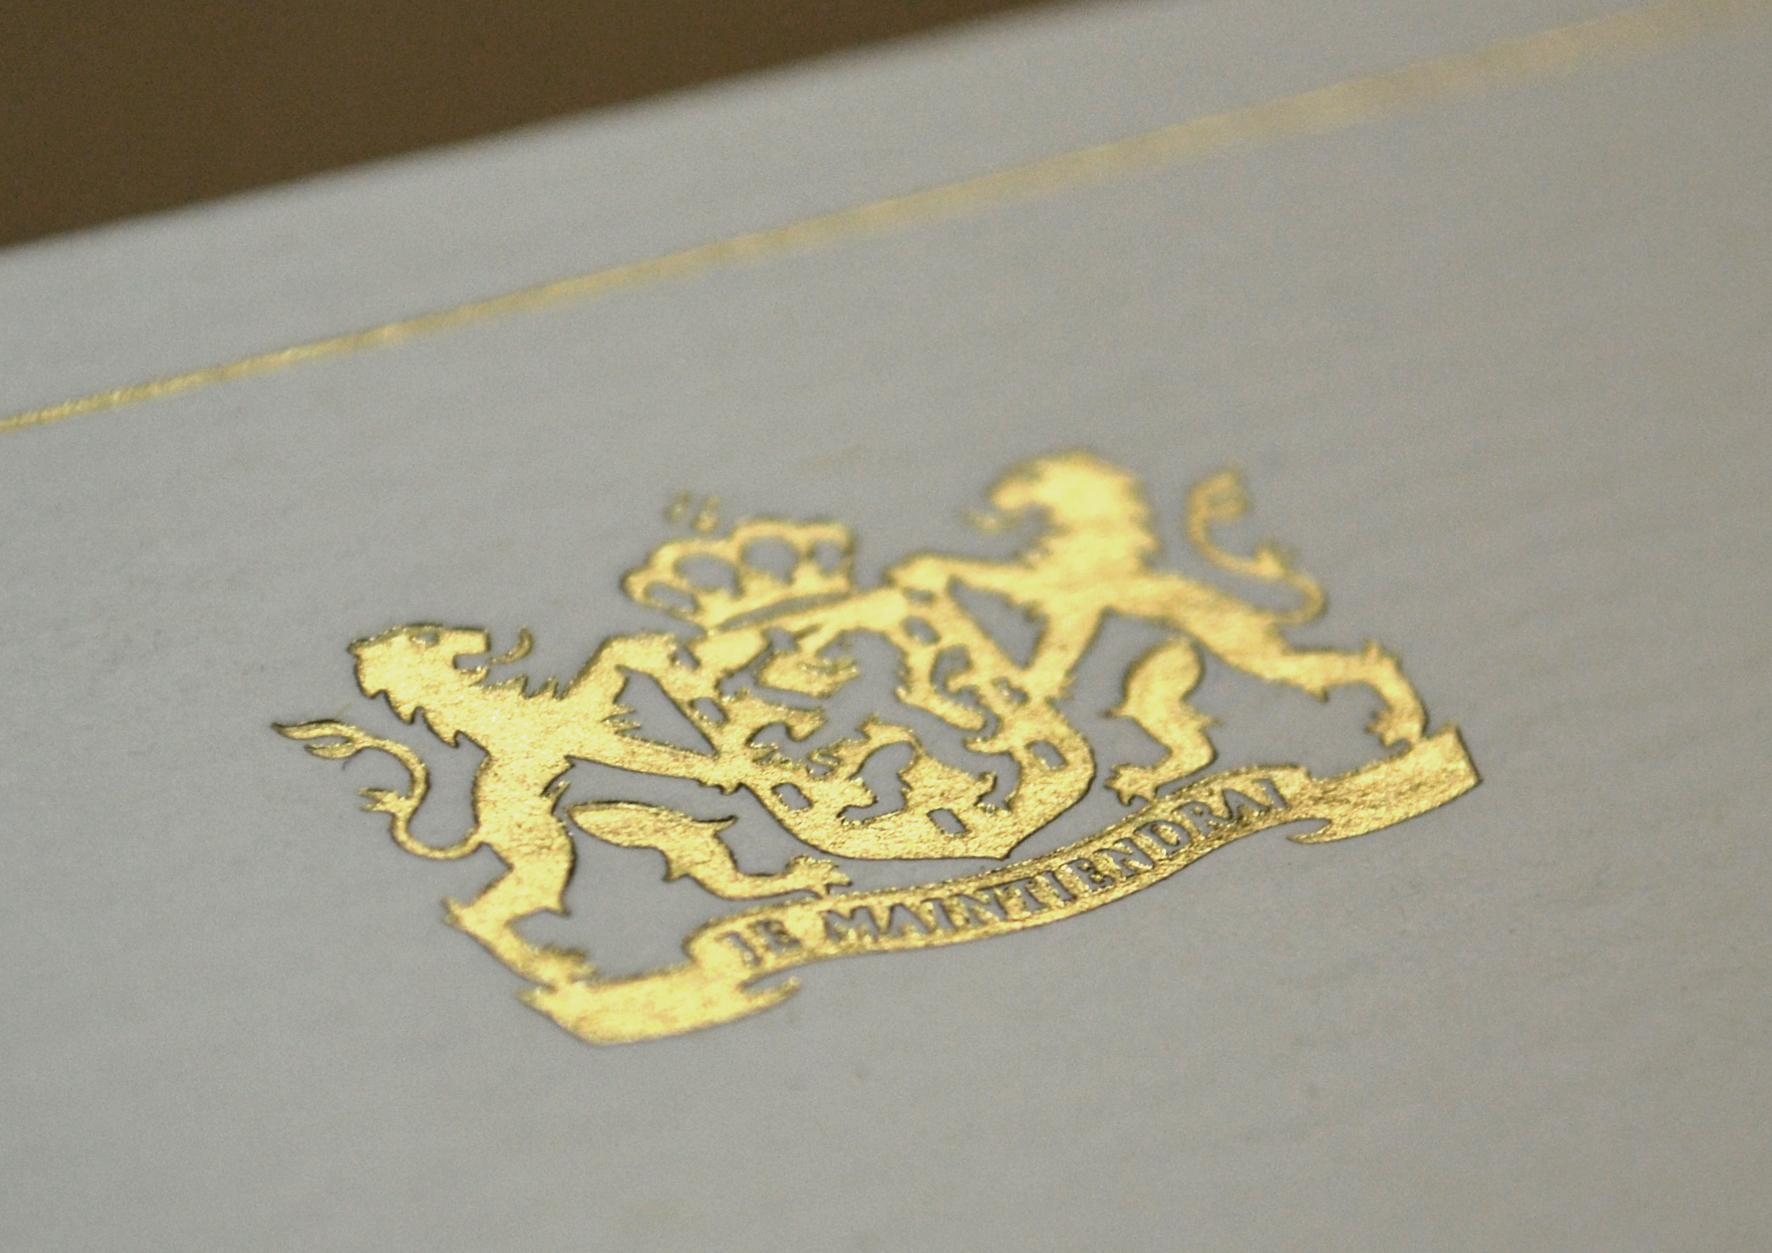 letterpress printing/ hot foil stamp